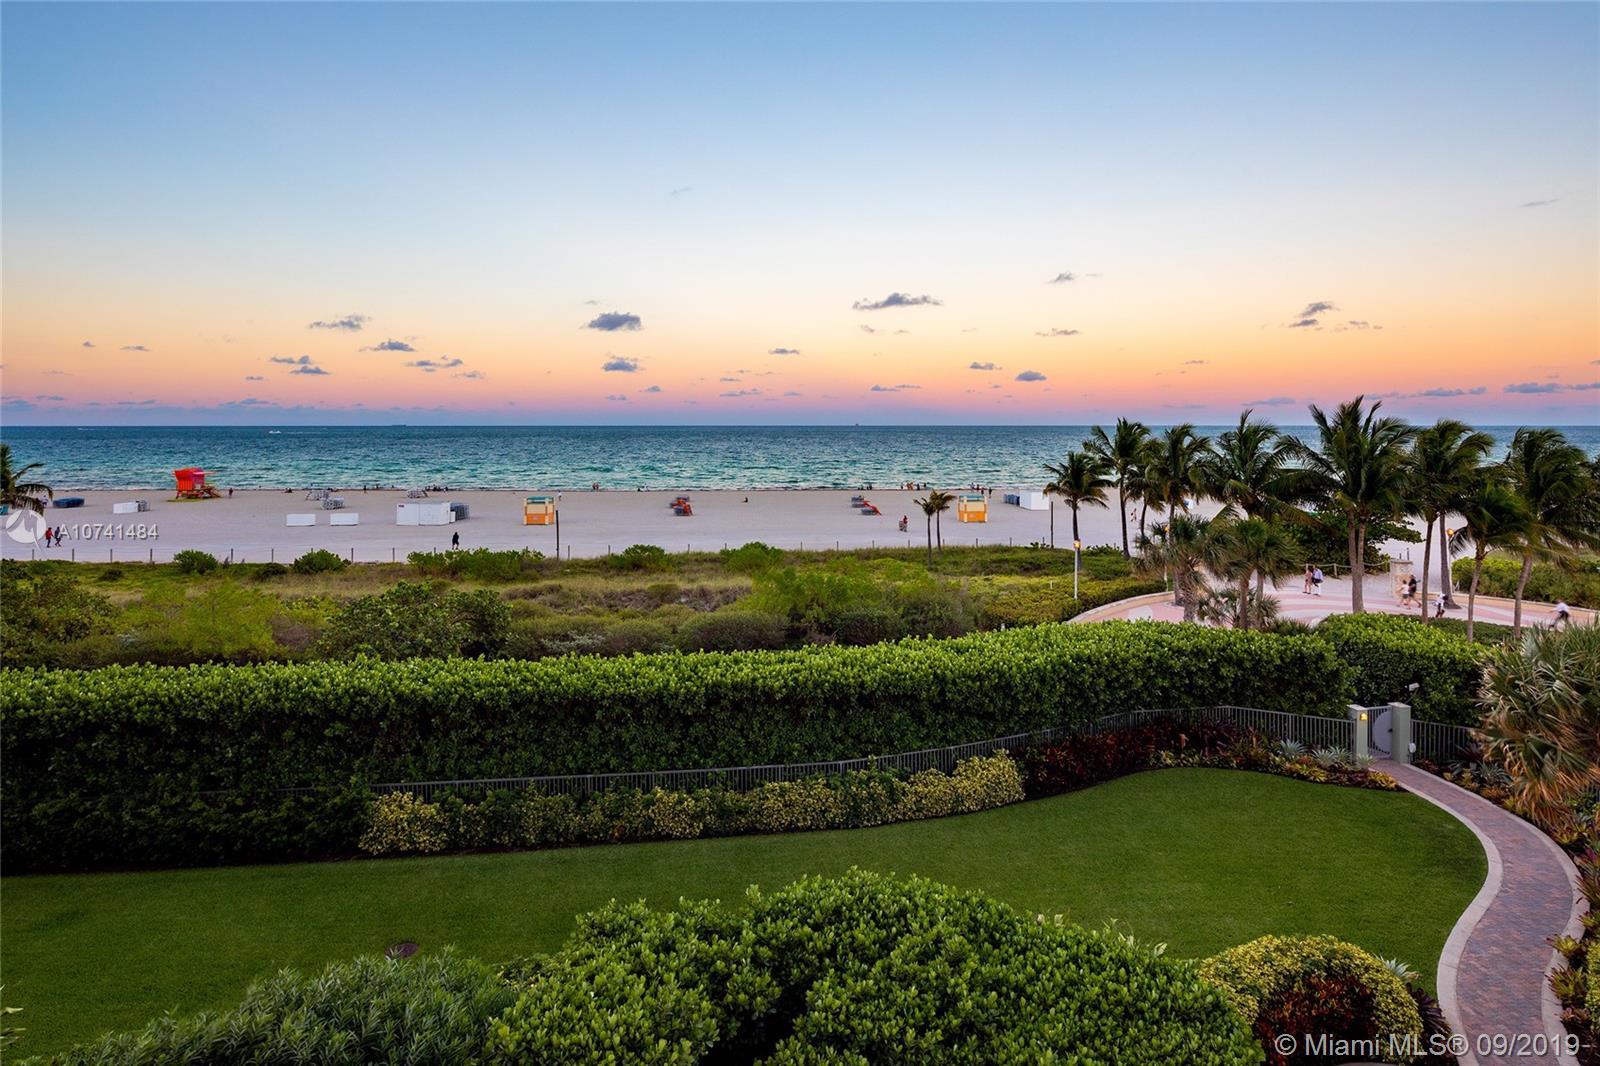 1455 Ocean dr-BH-02 miami-beach-fl-33139-a10741484-Pic35